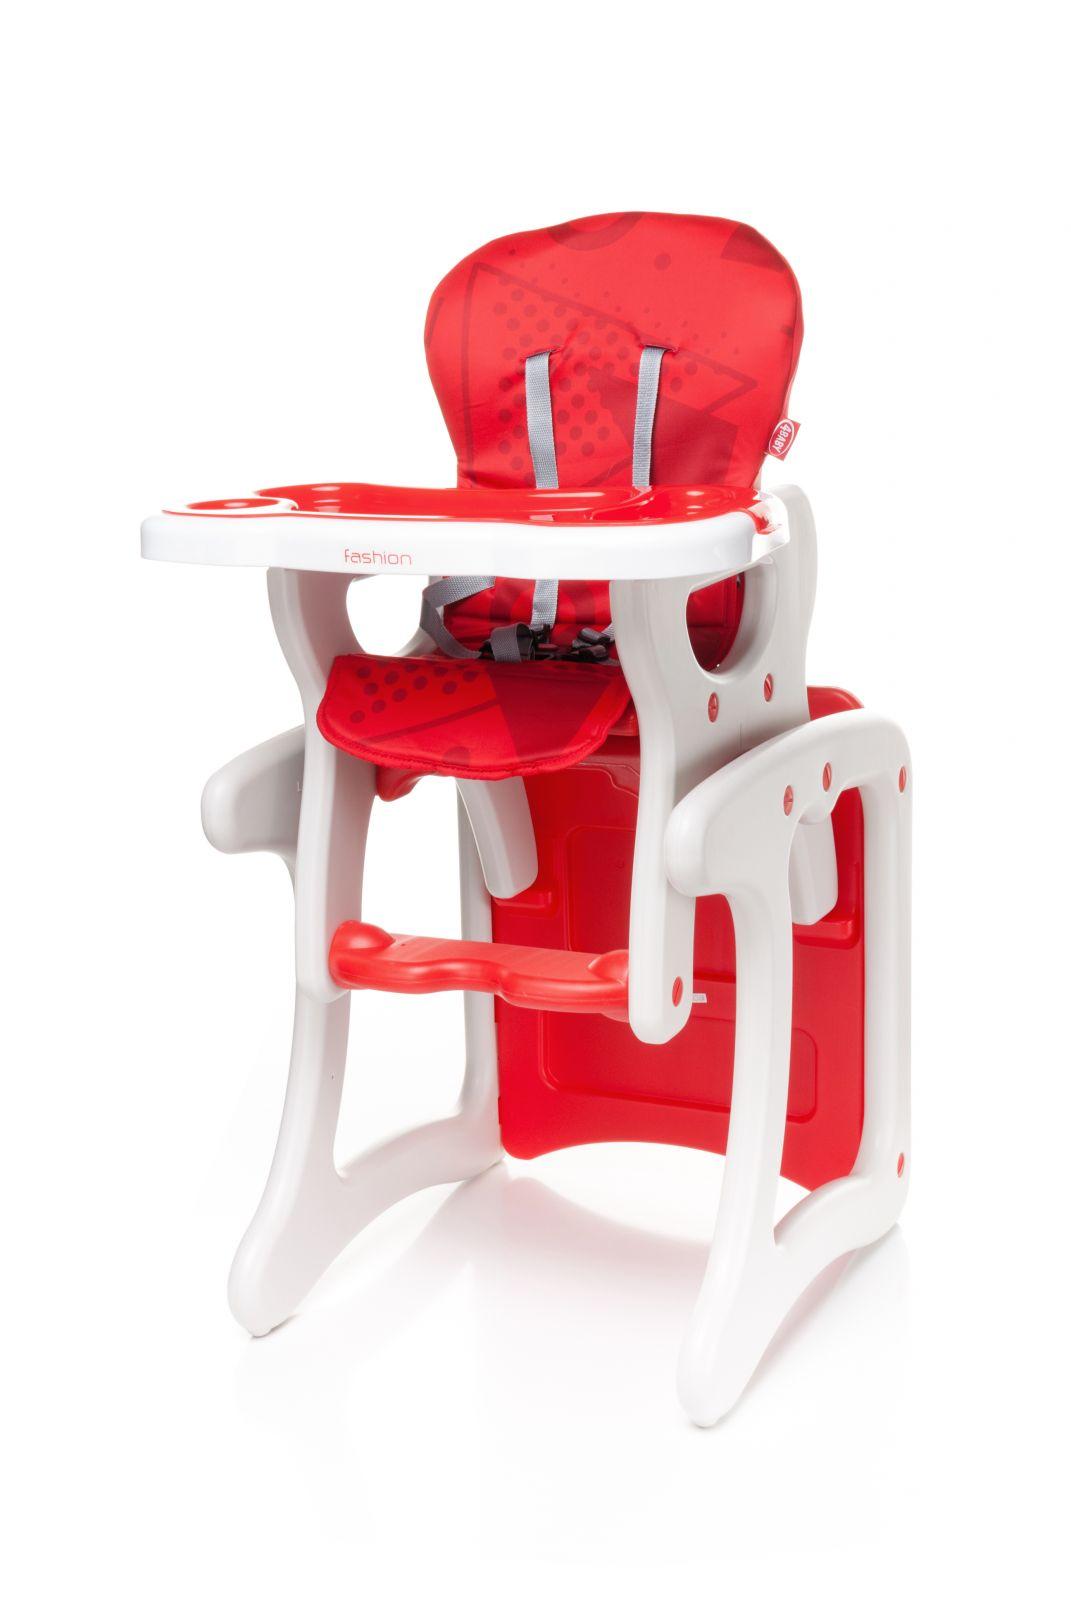 Jídelní židlička 4baby Fashion (2v1 - židlička + stoleček) Red